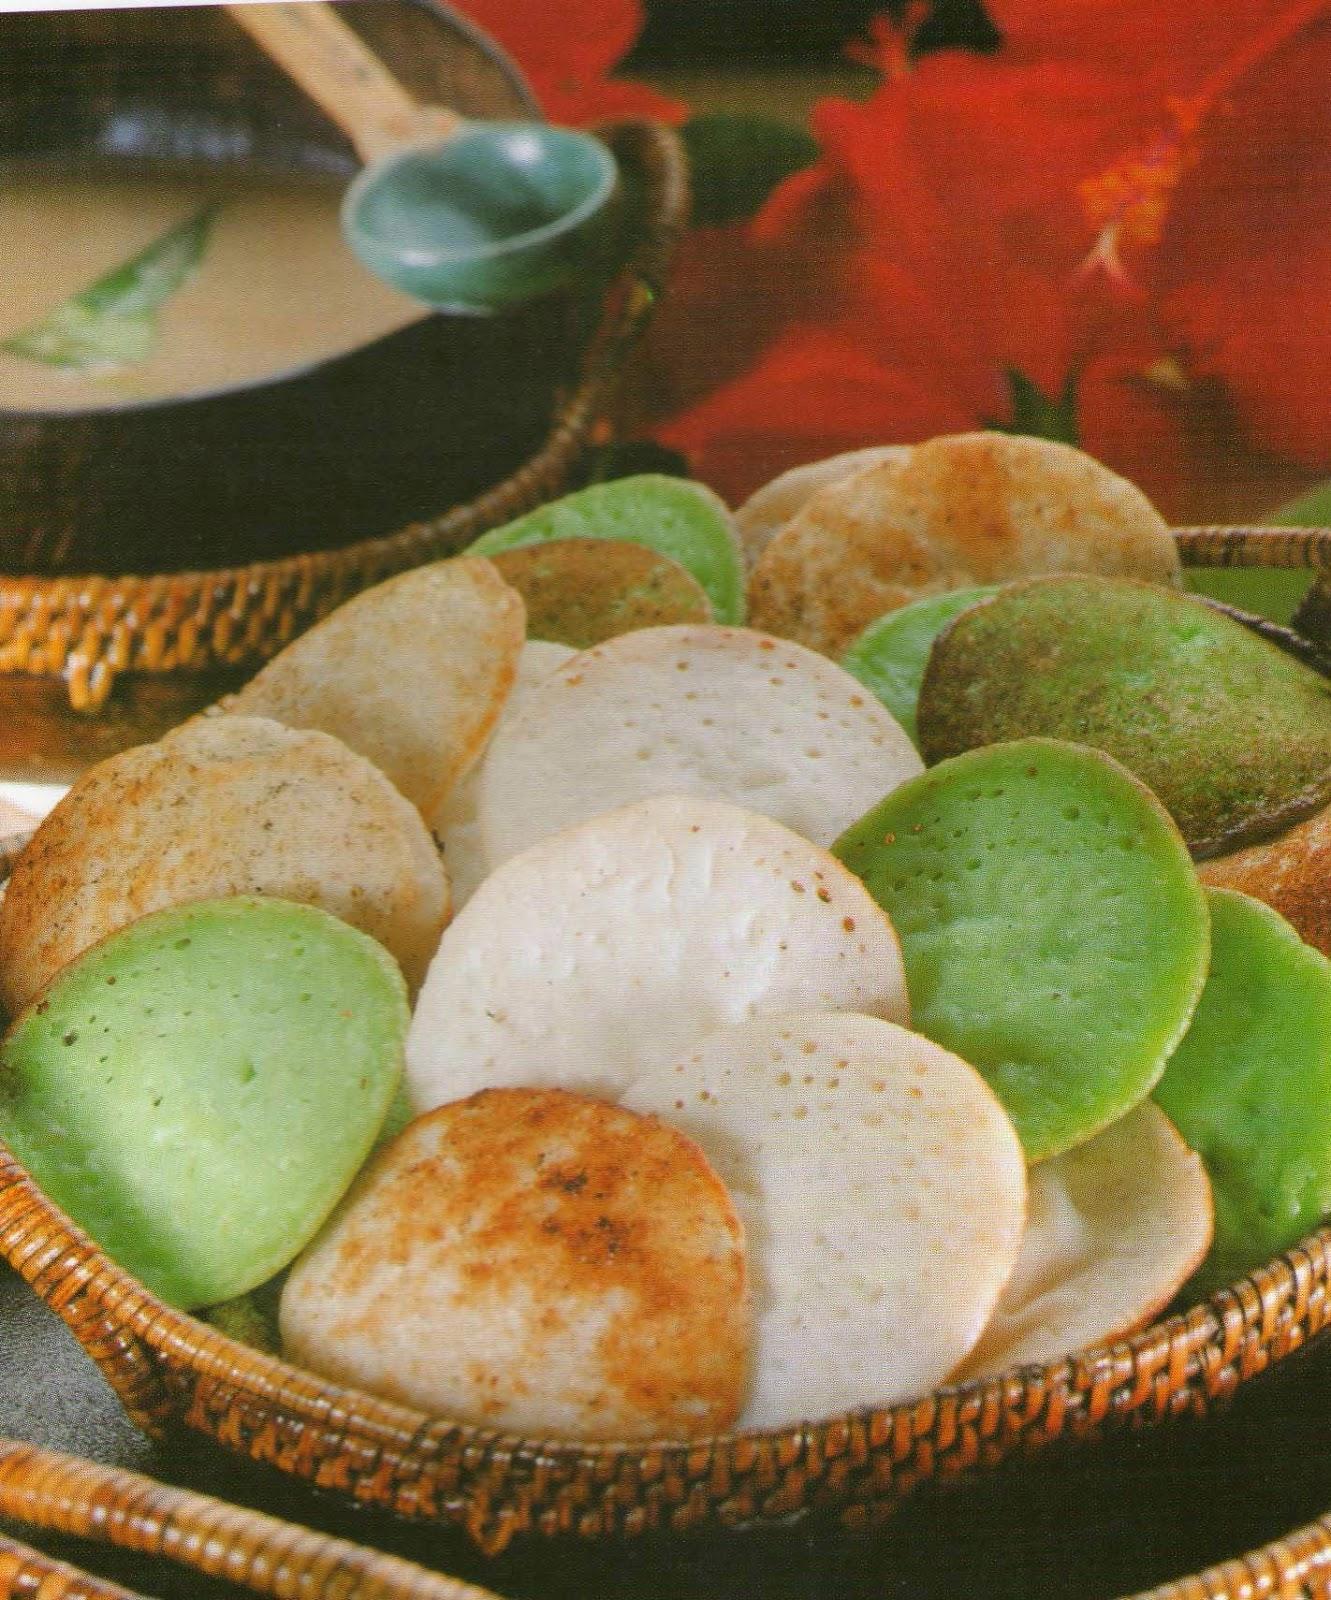 Resep Membuat Kue Serabi Bandung Manis Special Kuah Kinca